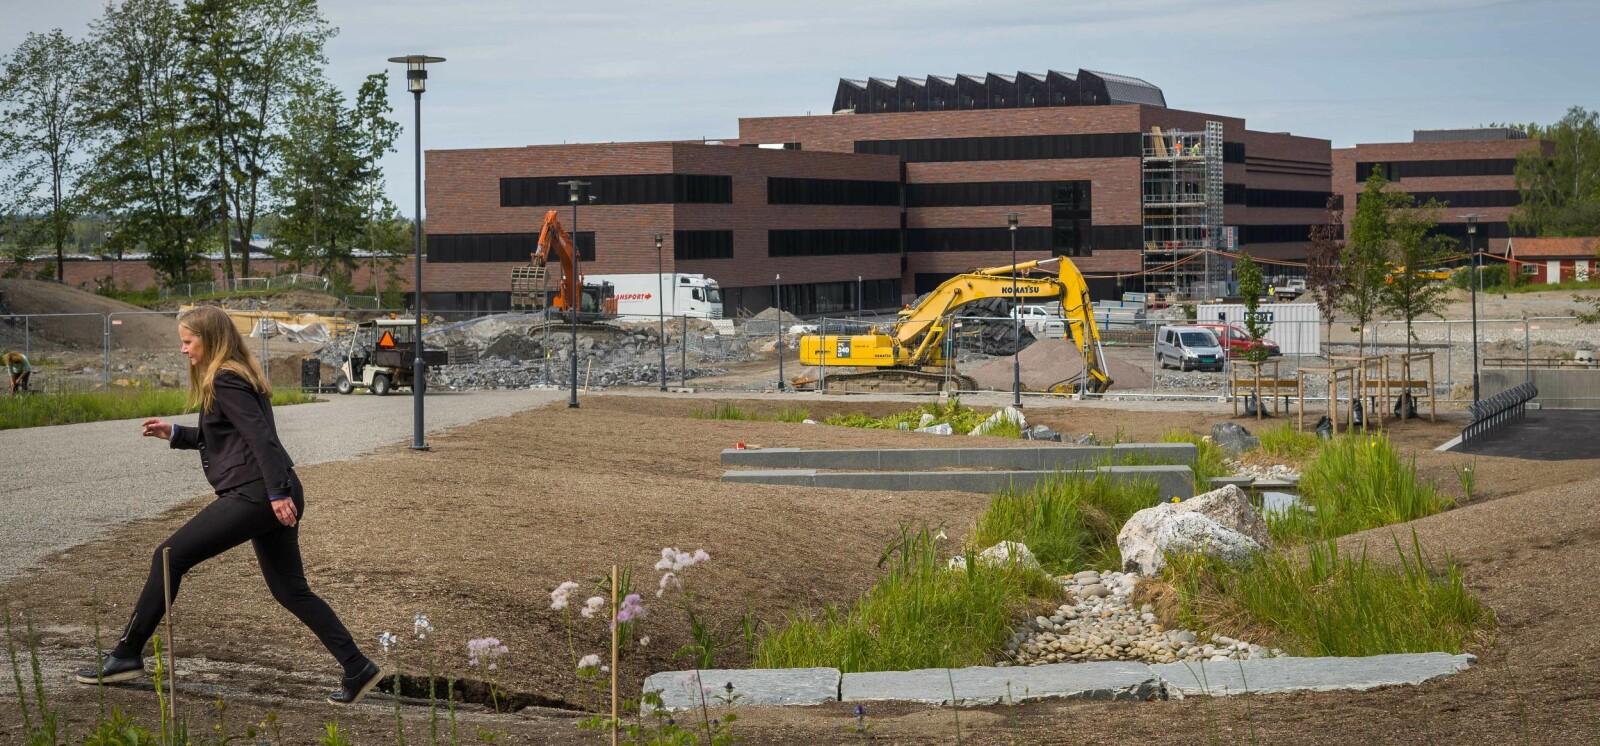 Mari Sundli Tveit viser fram det store byggeprosjektet på NMBU. Foto: Siri Øverland Eriksen